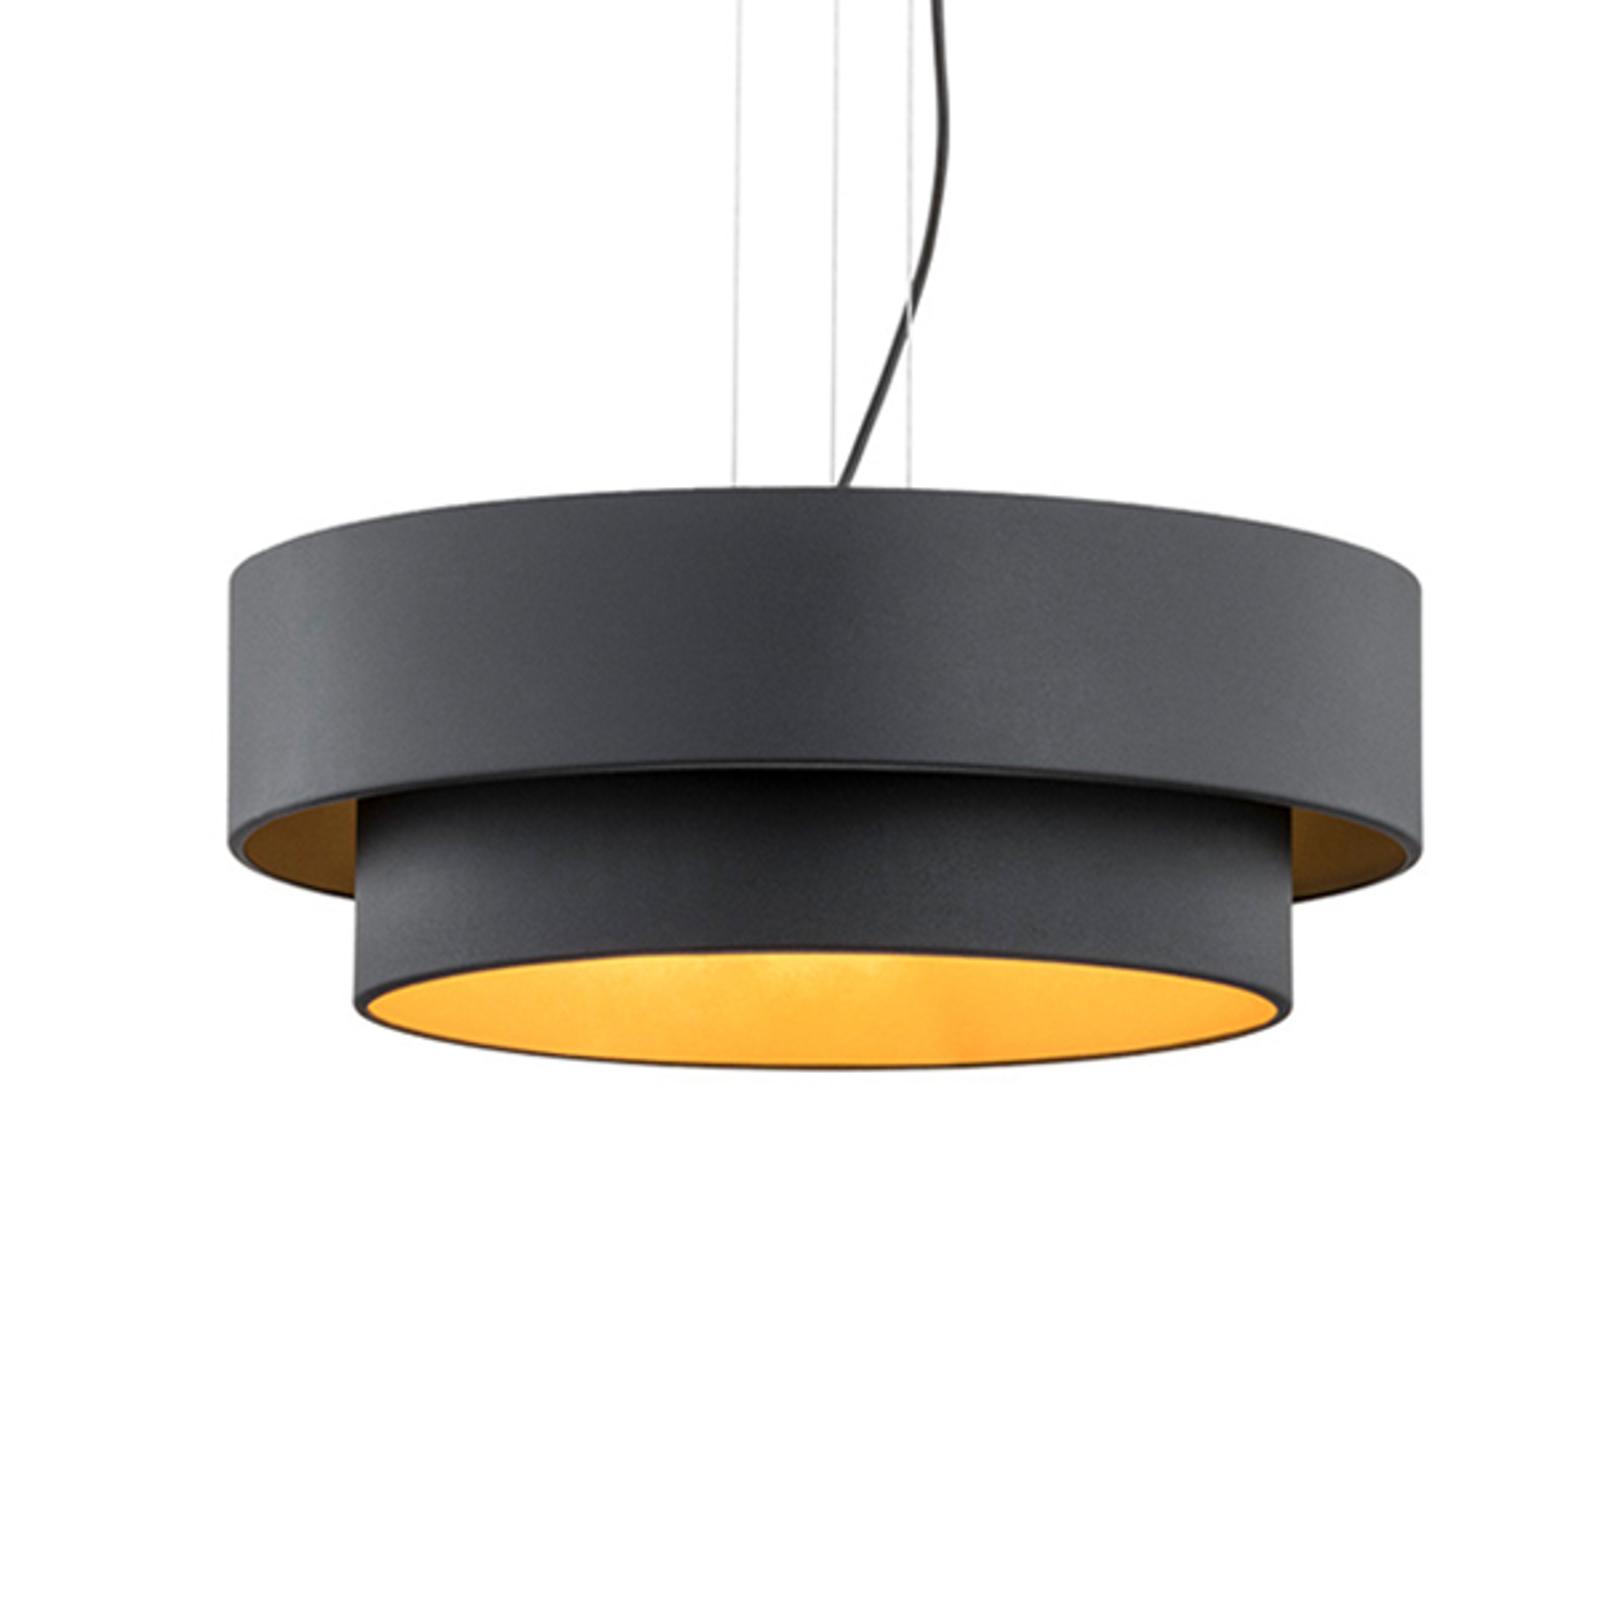 Suspension Fredik, Ø 45 cm, noire/dorée